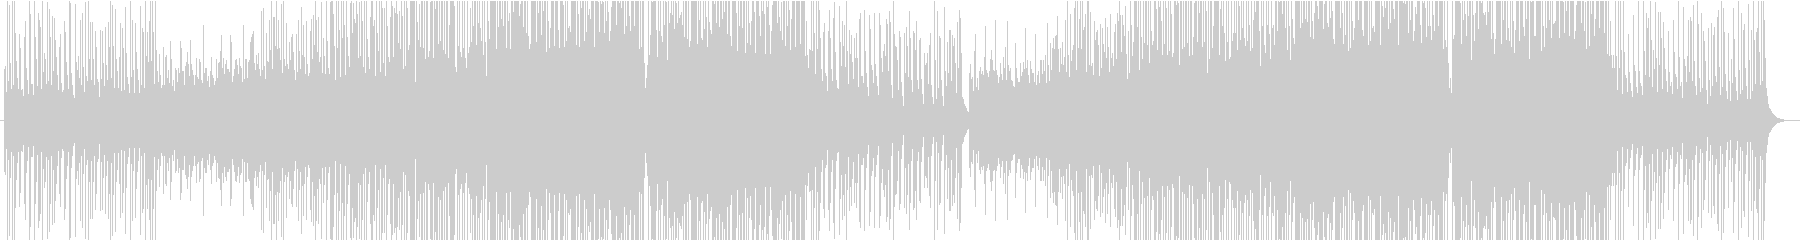 優しく温かく明るいトロピカルハウス楽曲の未再生の波形